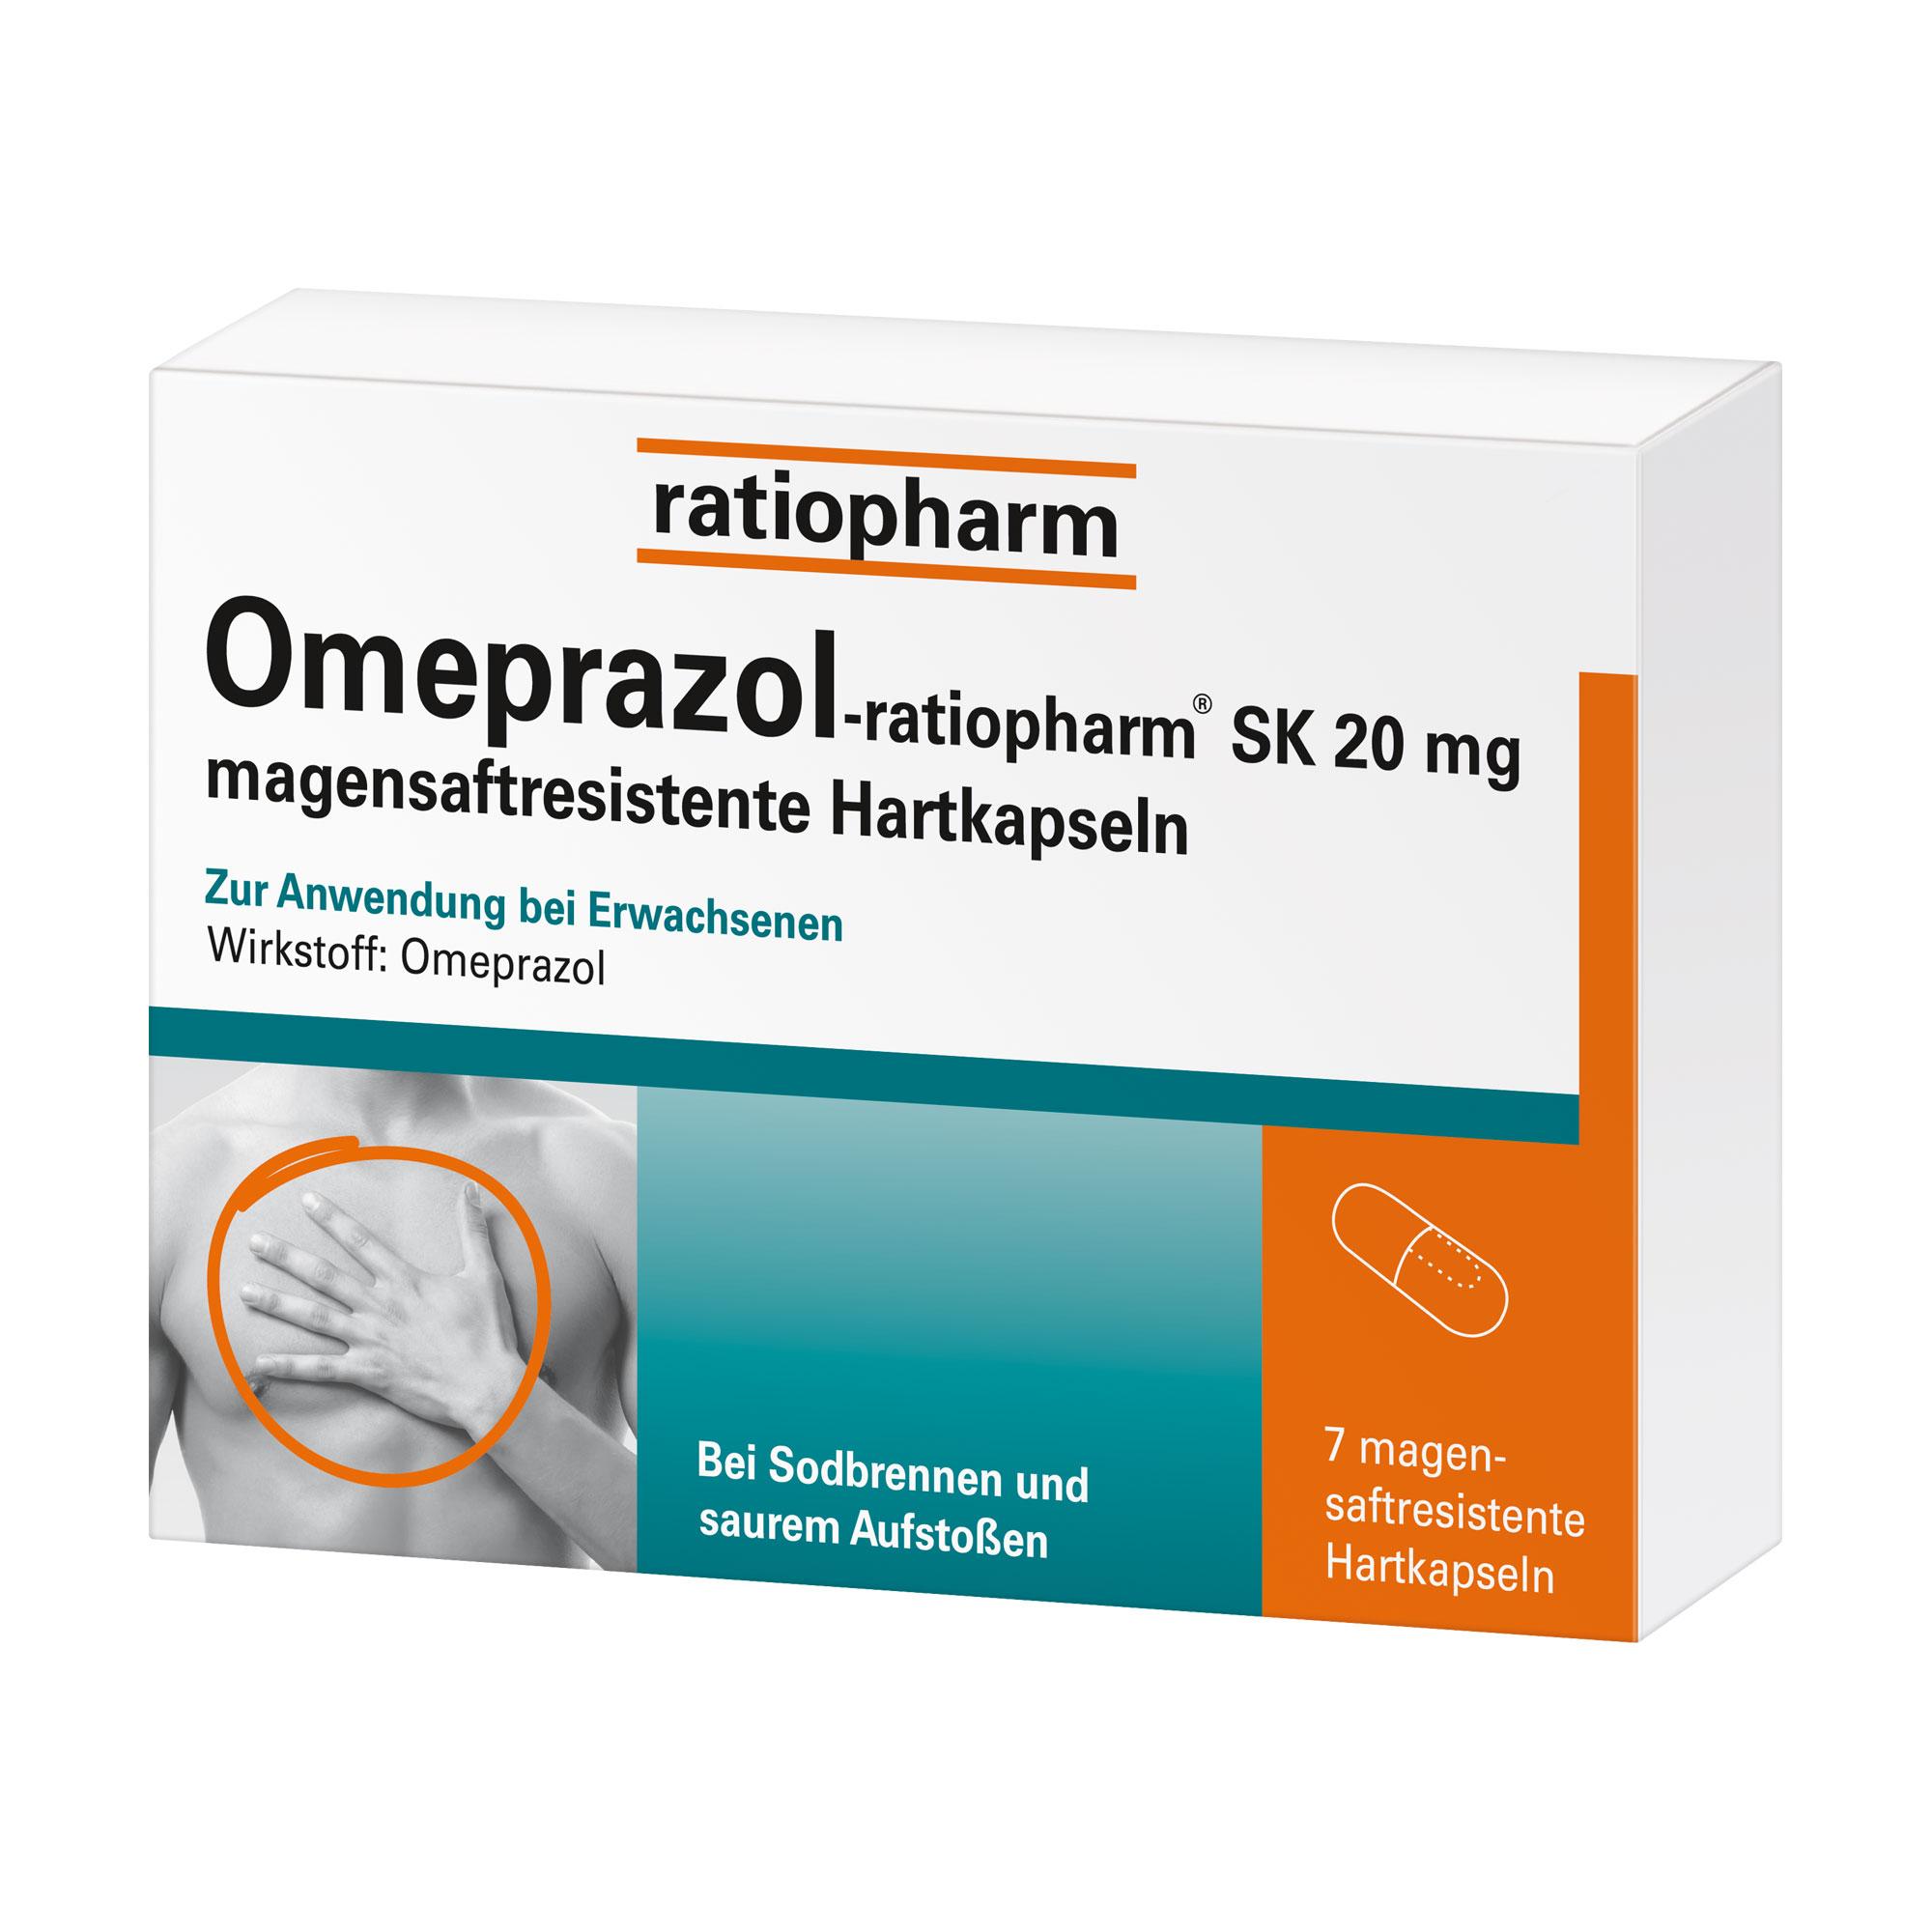 Omeprazol-ratiopharm SK 20 mg